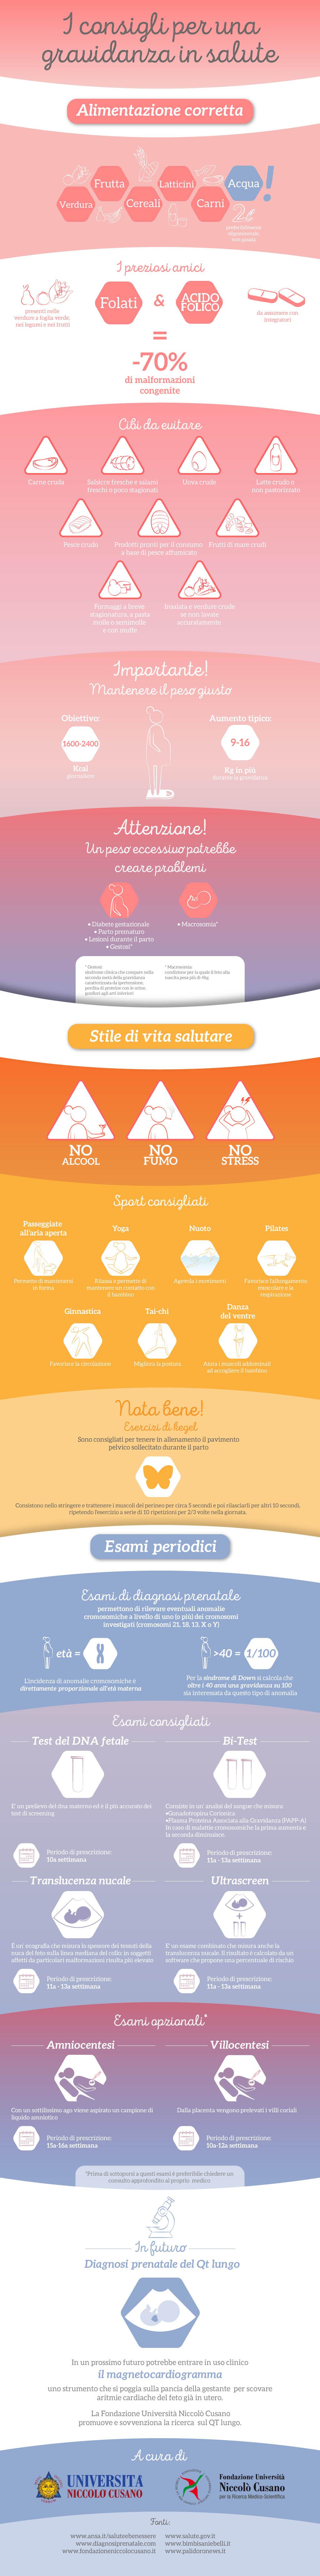 Infografica sui consigli per una gravidanza in salute Preview